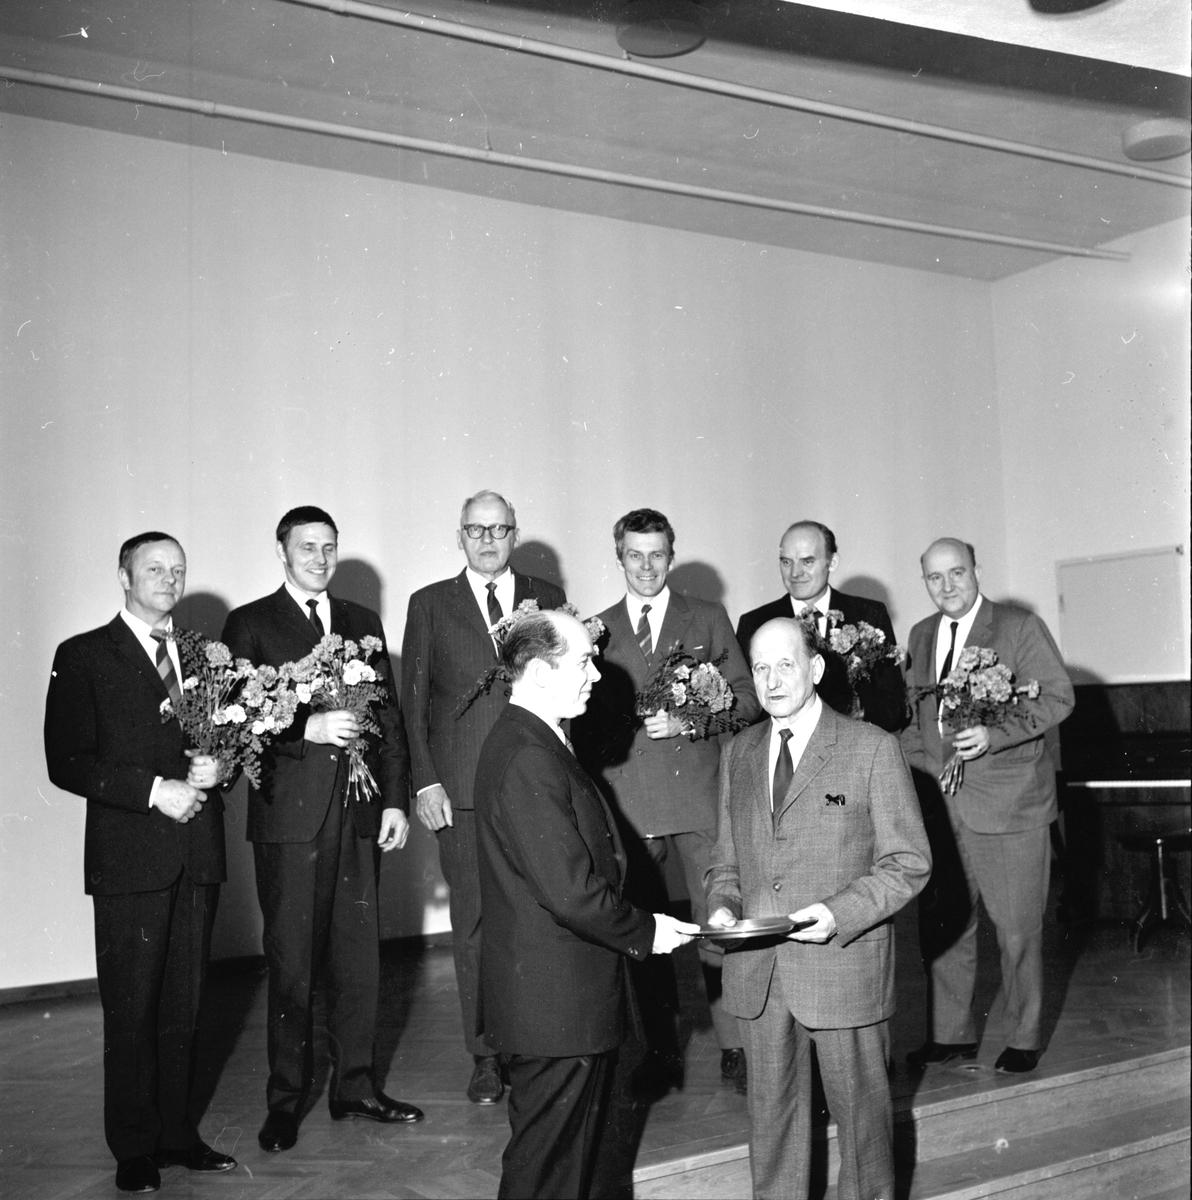 Arbrå. Sista fullmäktige sammanträdet. December 1970